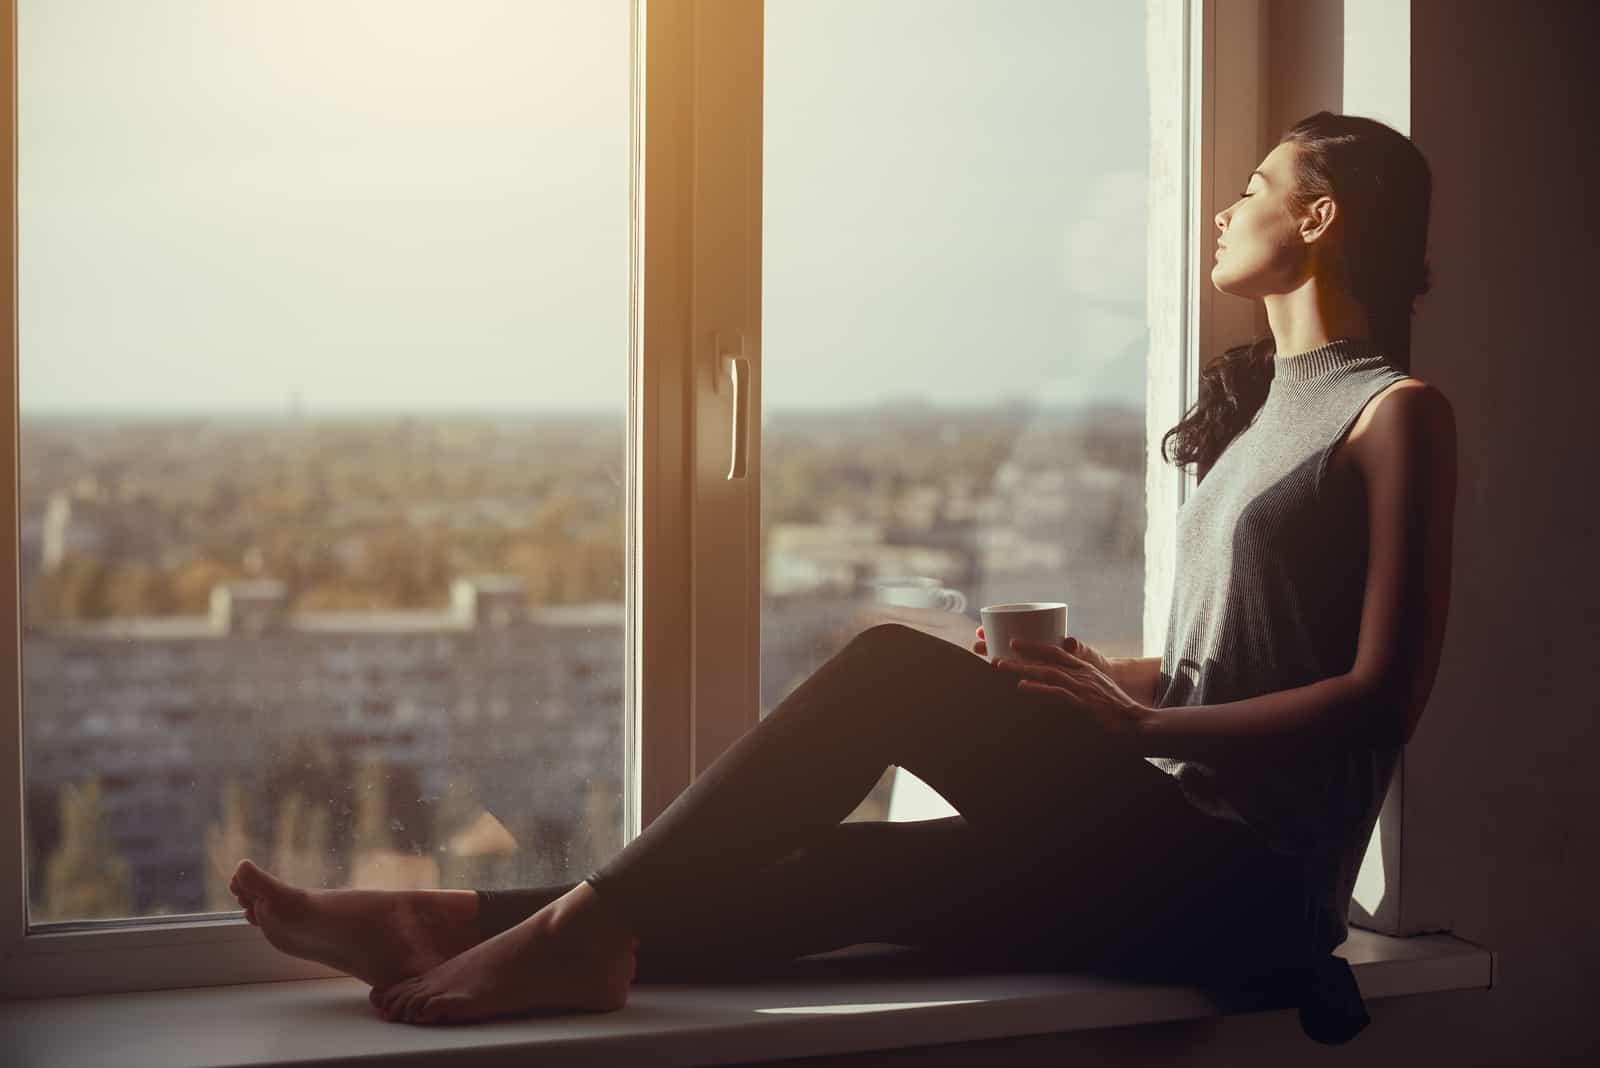 Femme au repos et à la pensée avec les yeux fermés